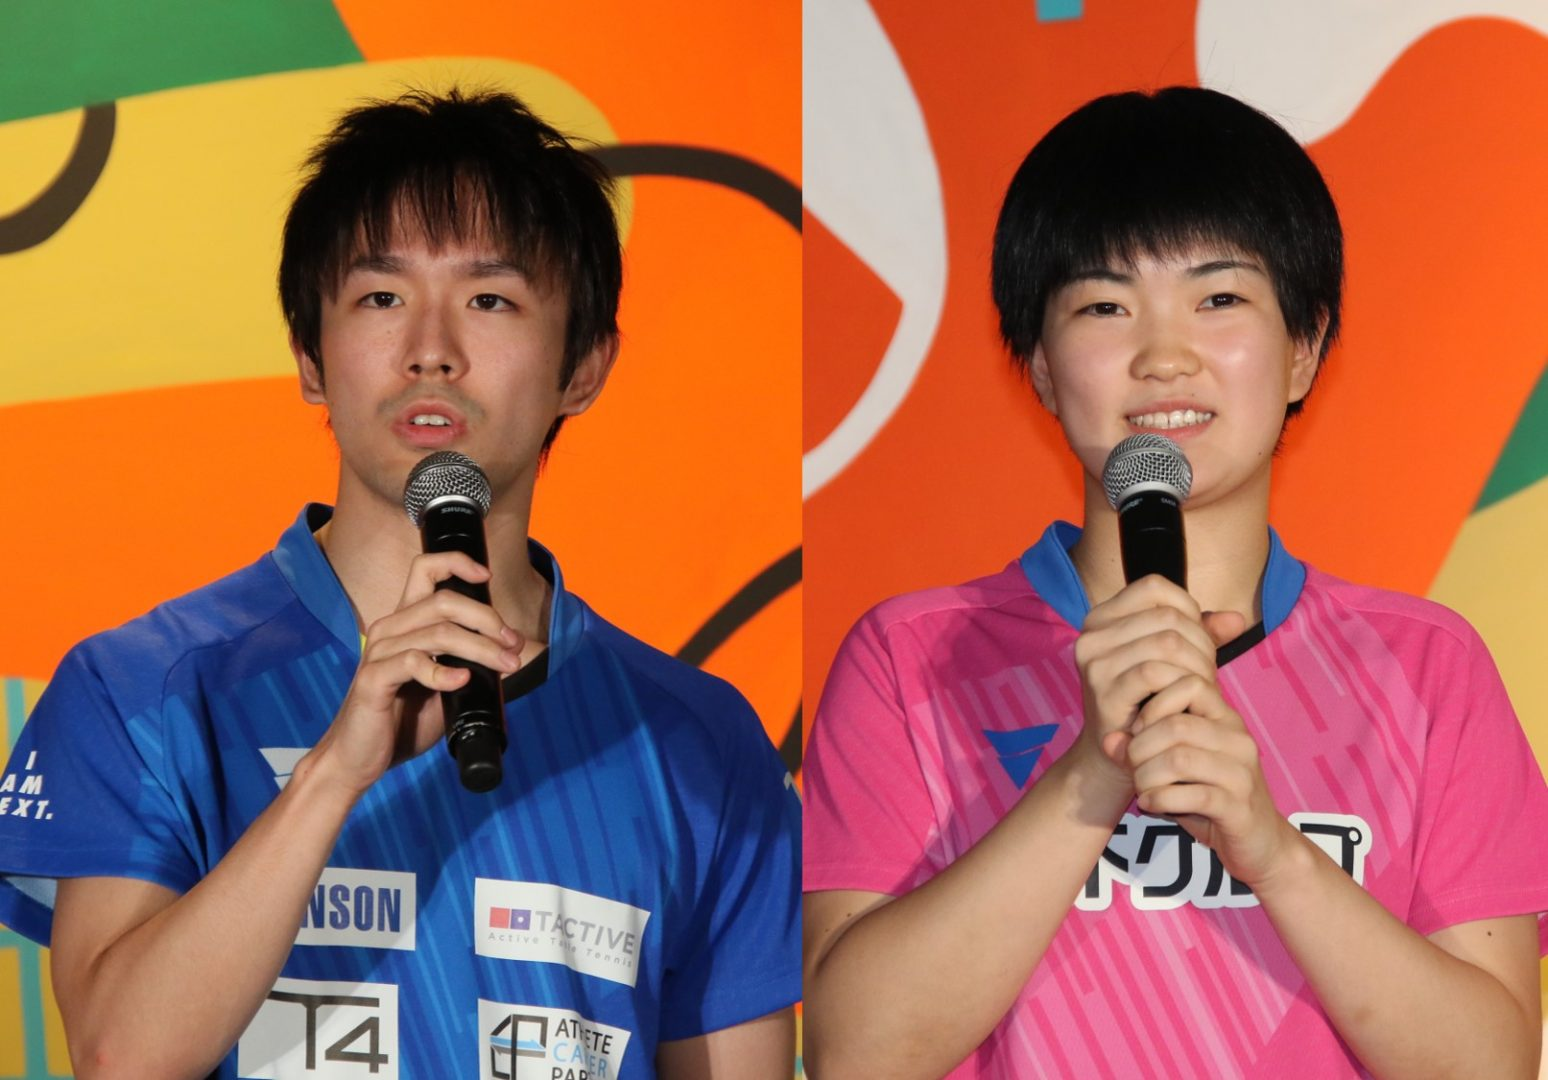 リオ銀・丹羽孝希、小池都知事と対戦 26日オープン「ping-pong ba」でセレモニー